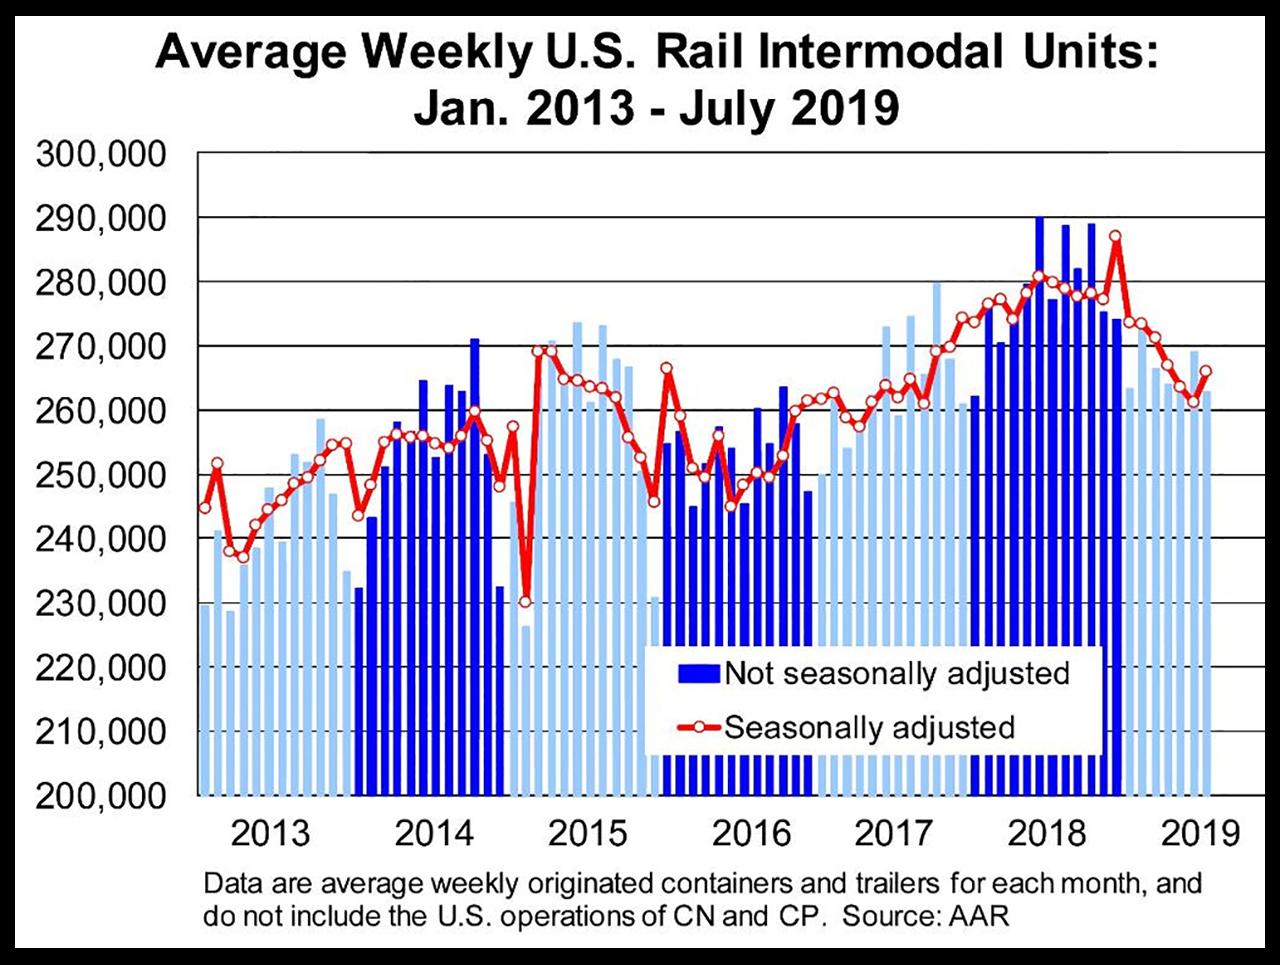 Free Railroad Books ( pdf downloads) & Railroad News: Travel